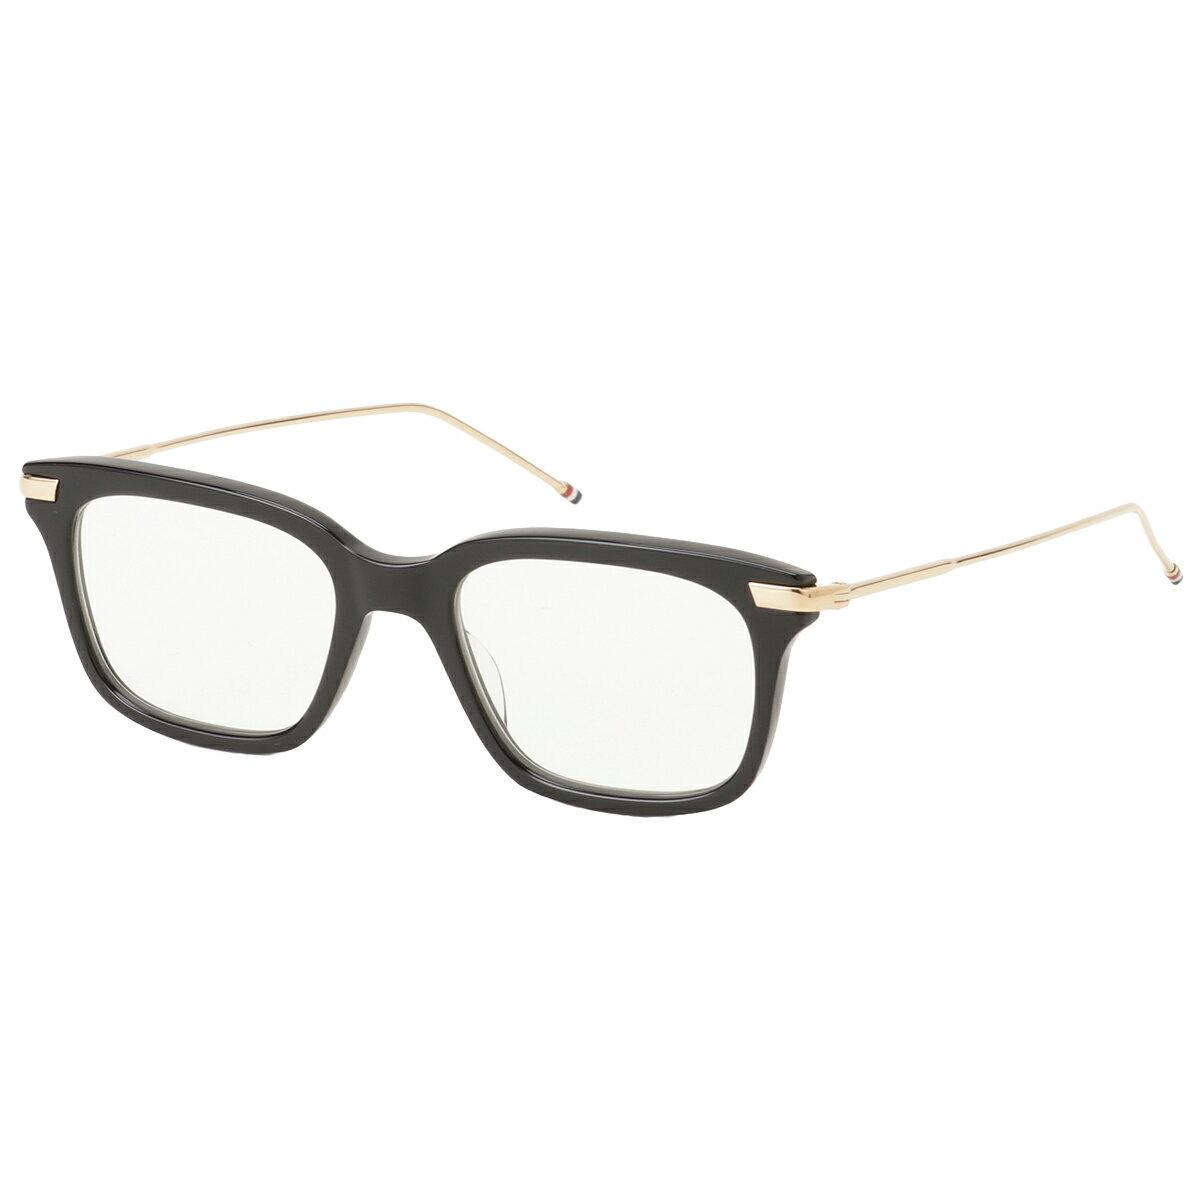 眼鏡・サングラス, 眼鏡  Thom Browne Glasses TB 701 aBlackWhite Gold